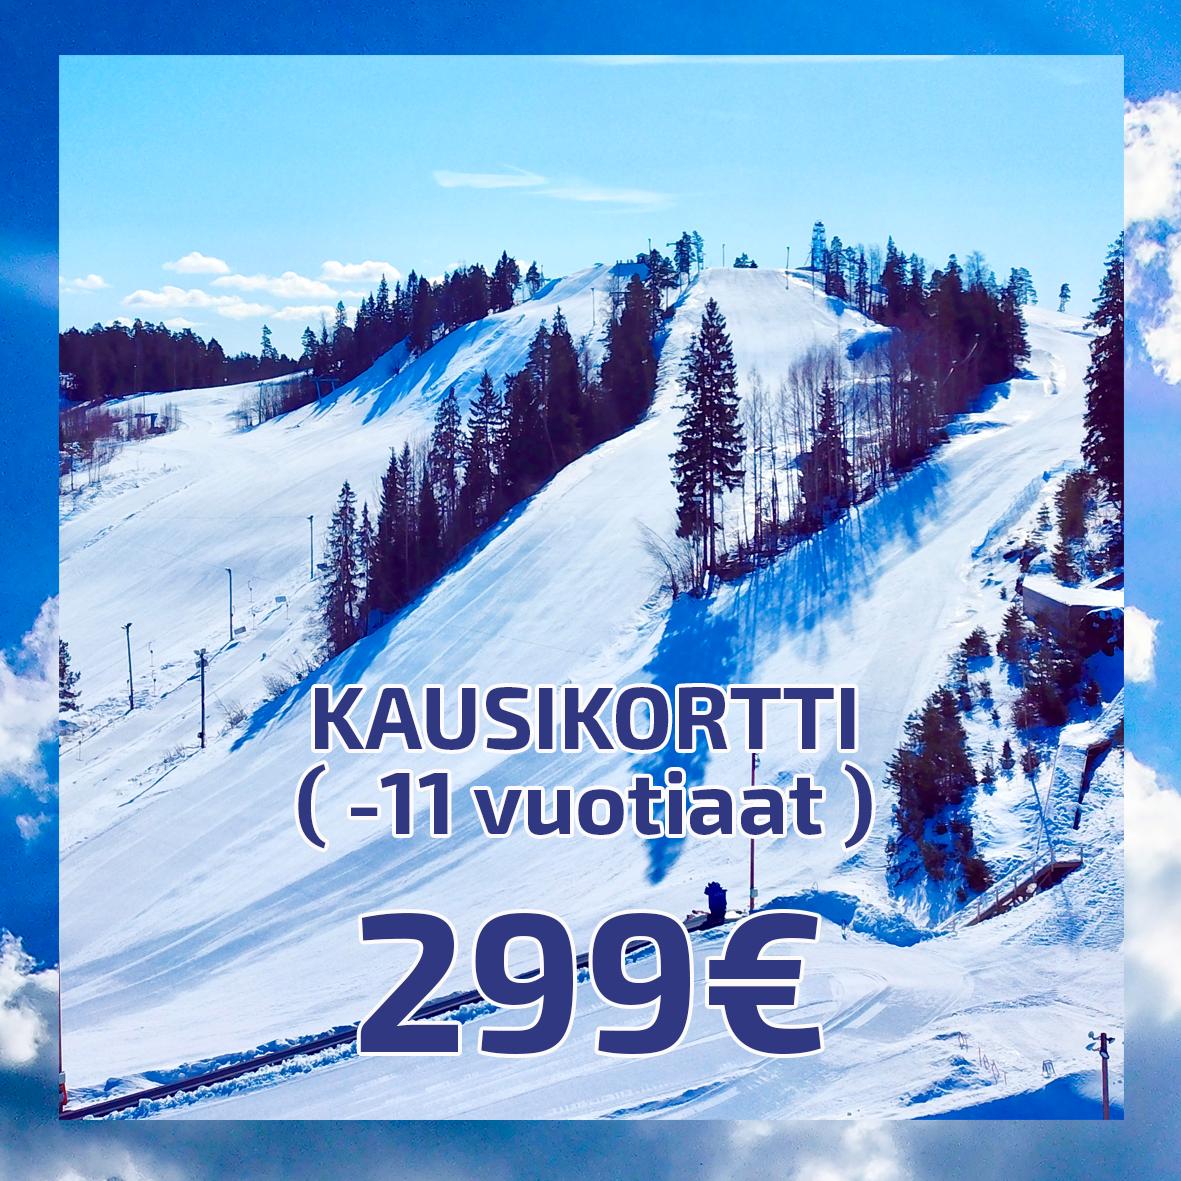 Kausikortti (-11 vuotiaat ) 299€